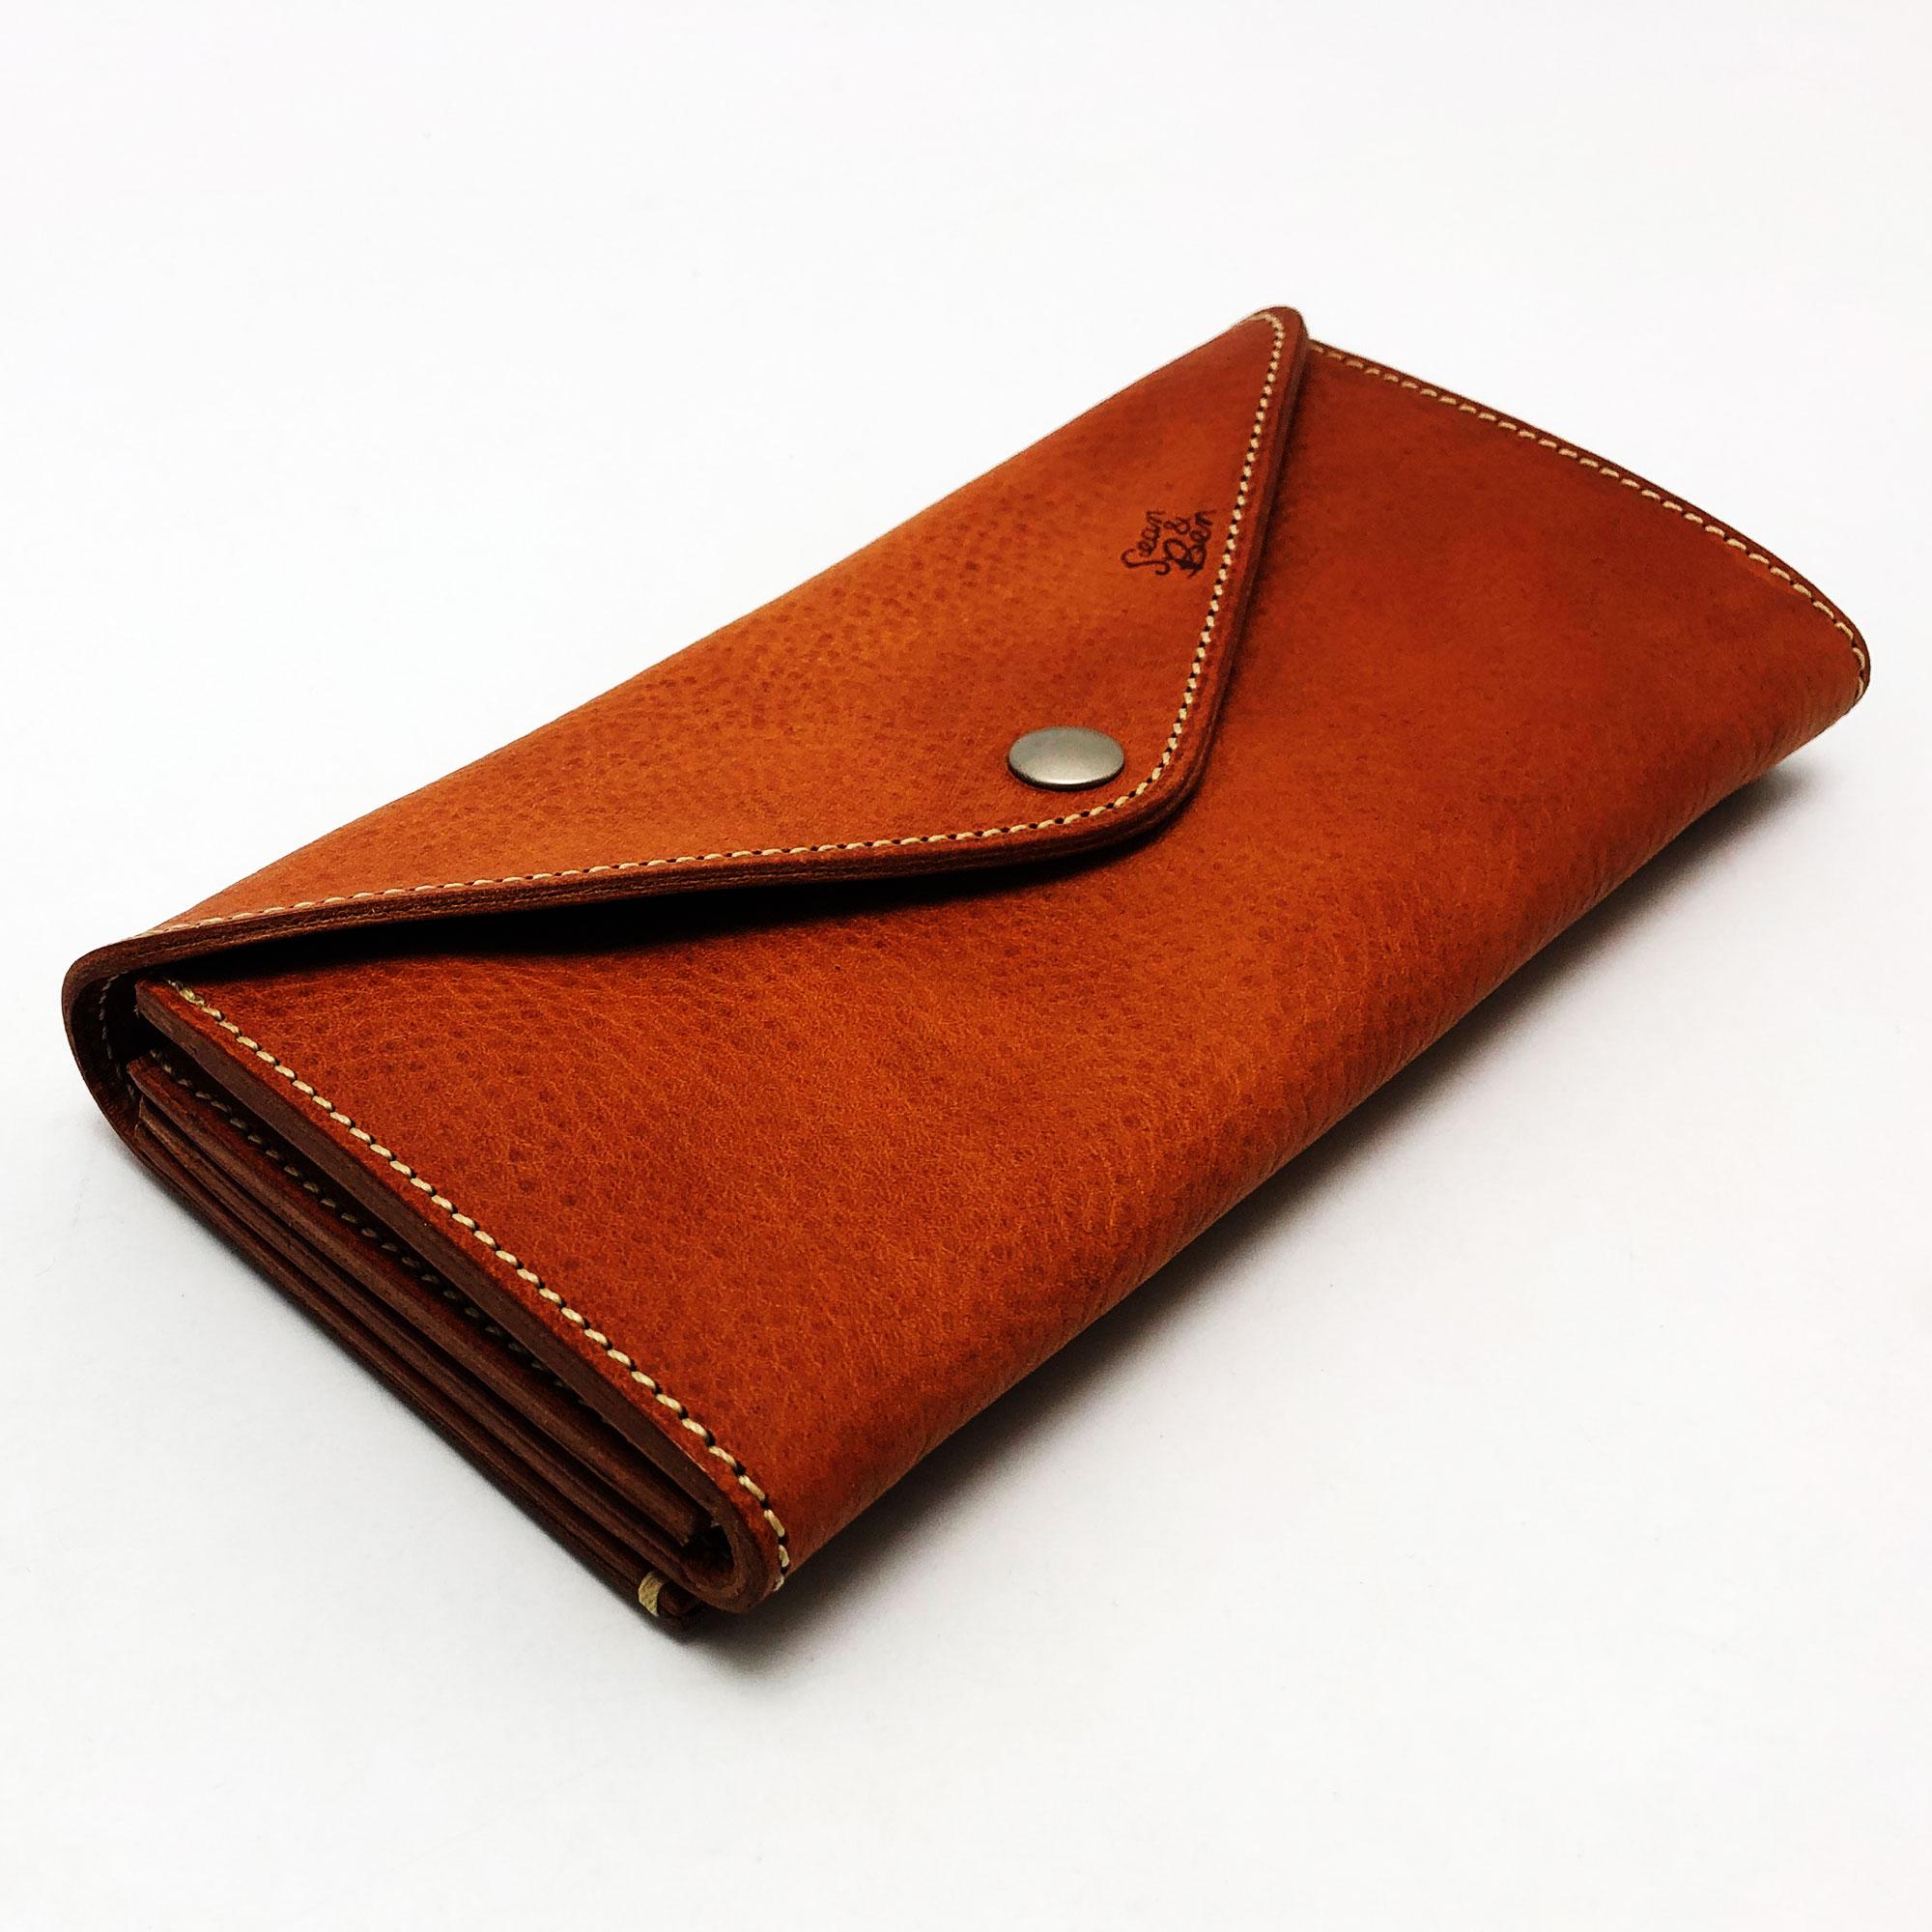 バッグ要らずの収納スペース。 これ一つで出かけられる財布です。